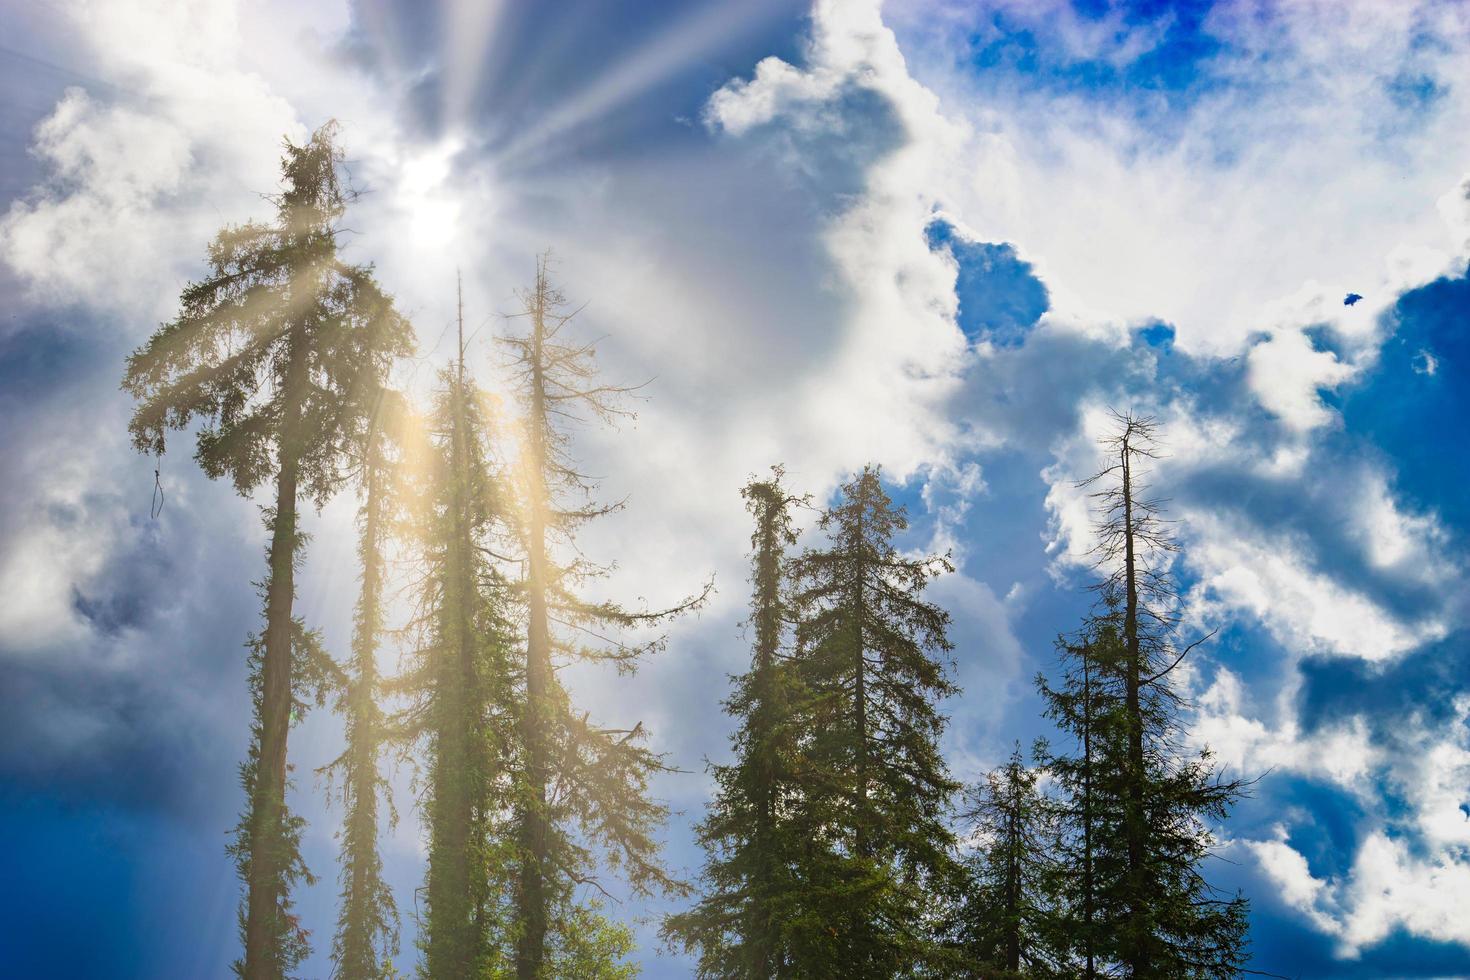 Silhouetten von hohen alten Tannen gegen einen blauen Himmel mit Wolken foto